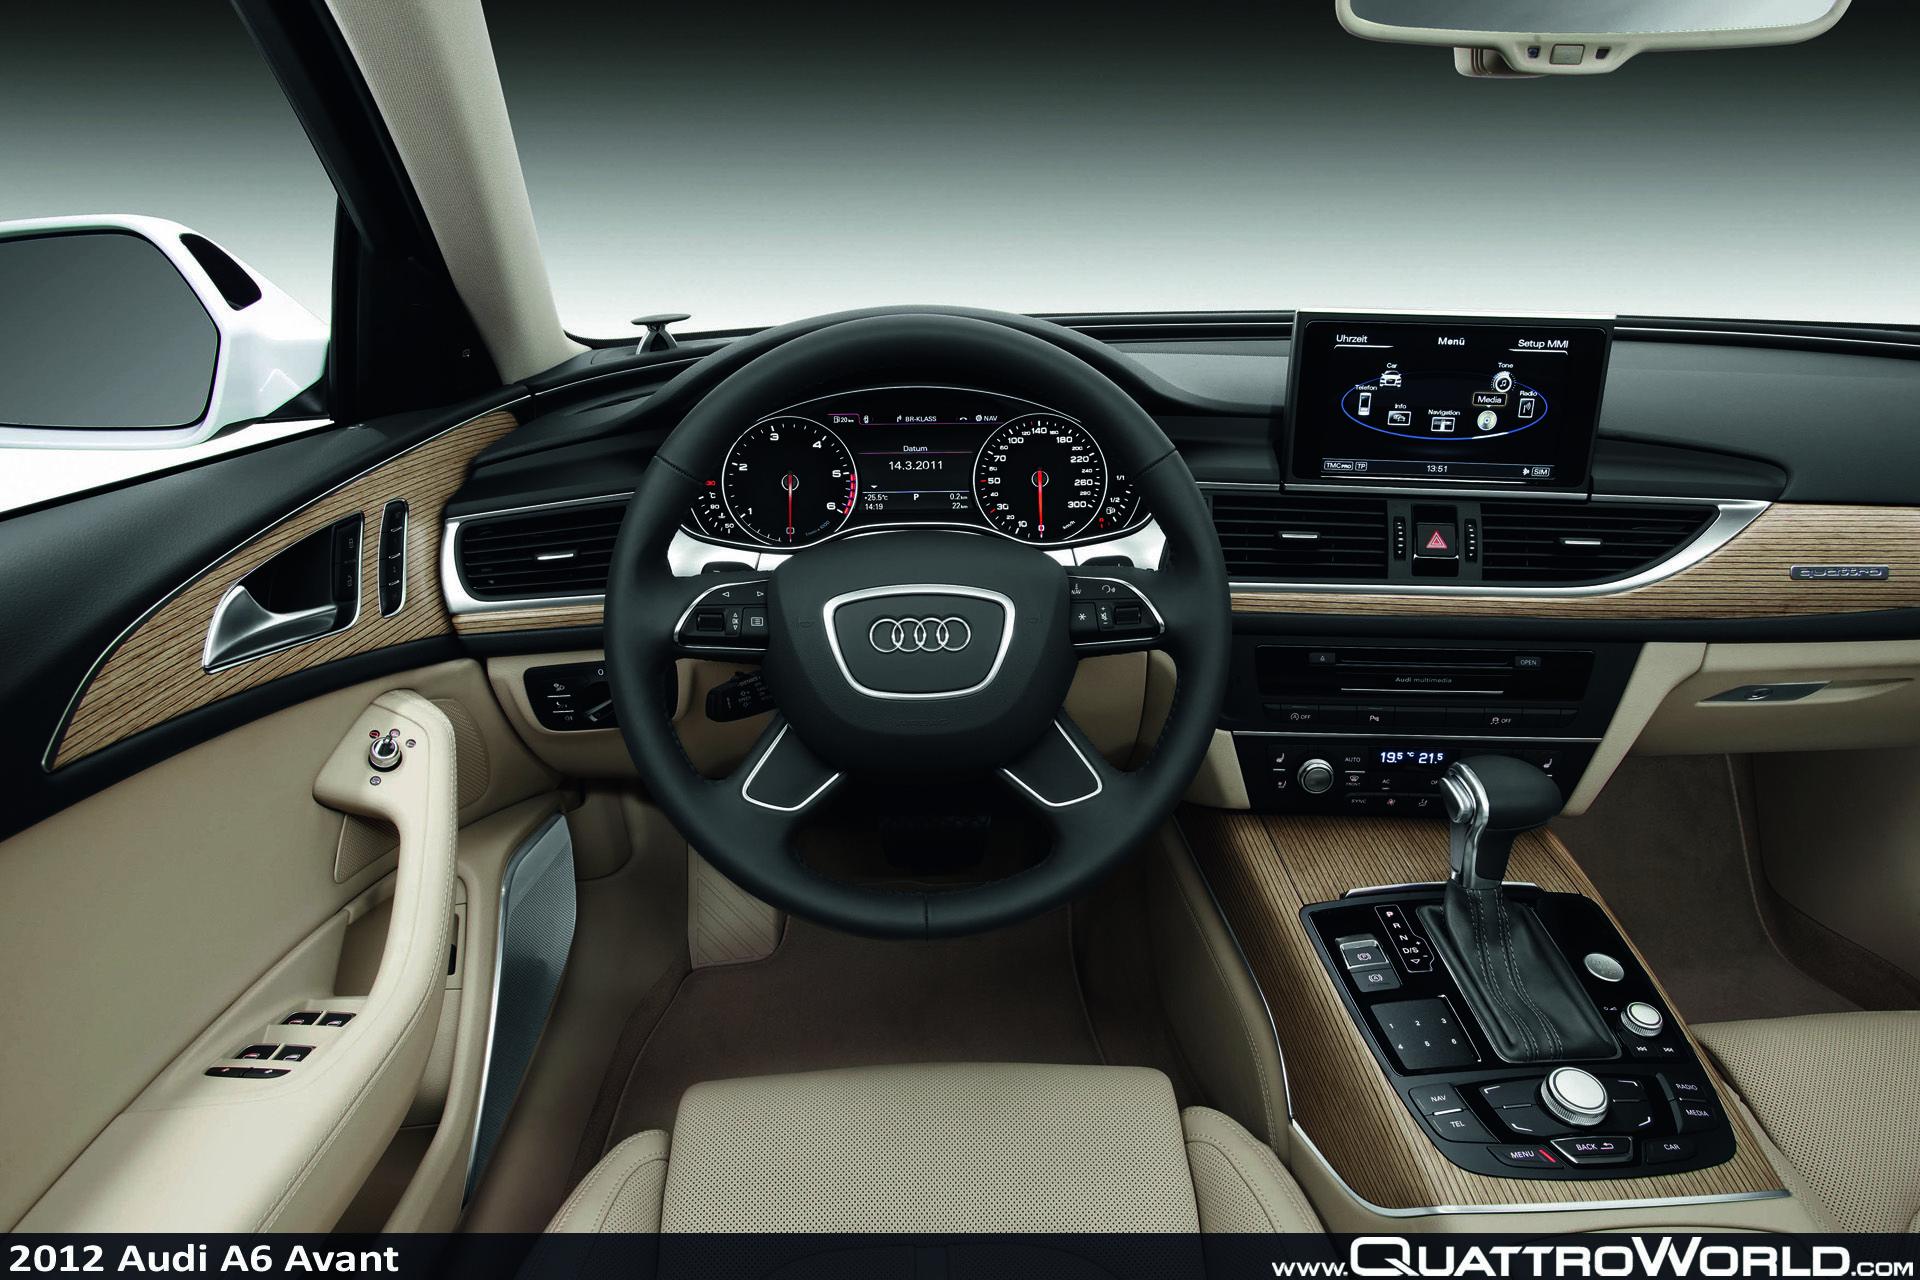 Audi A6 Avant Innenraum Audi A6 Avant Audi A6 Audi Interior